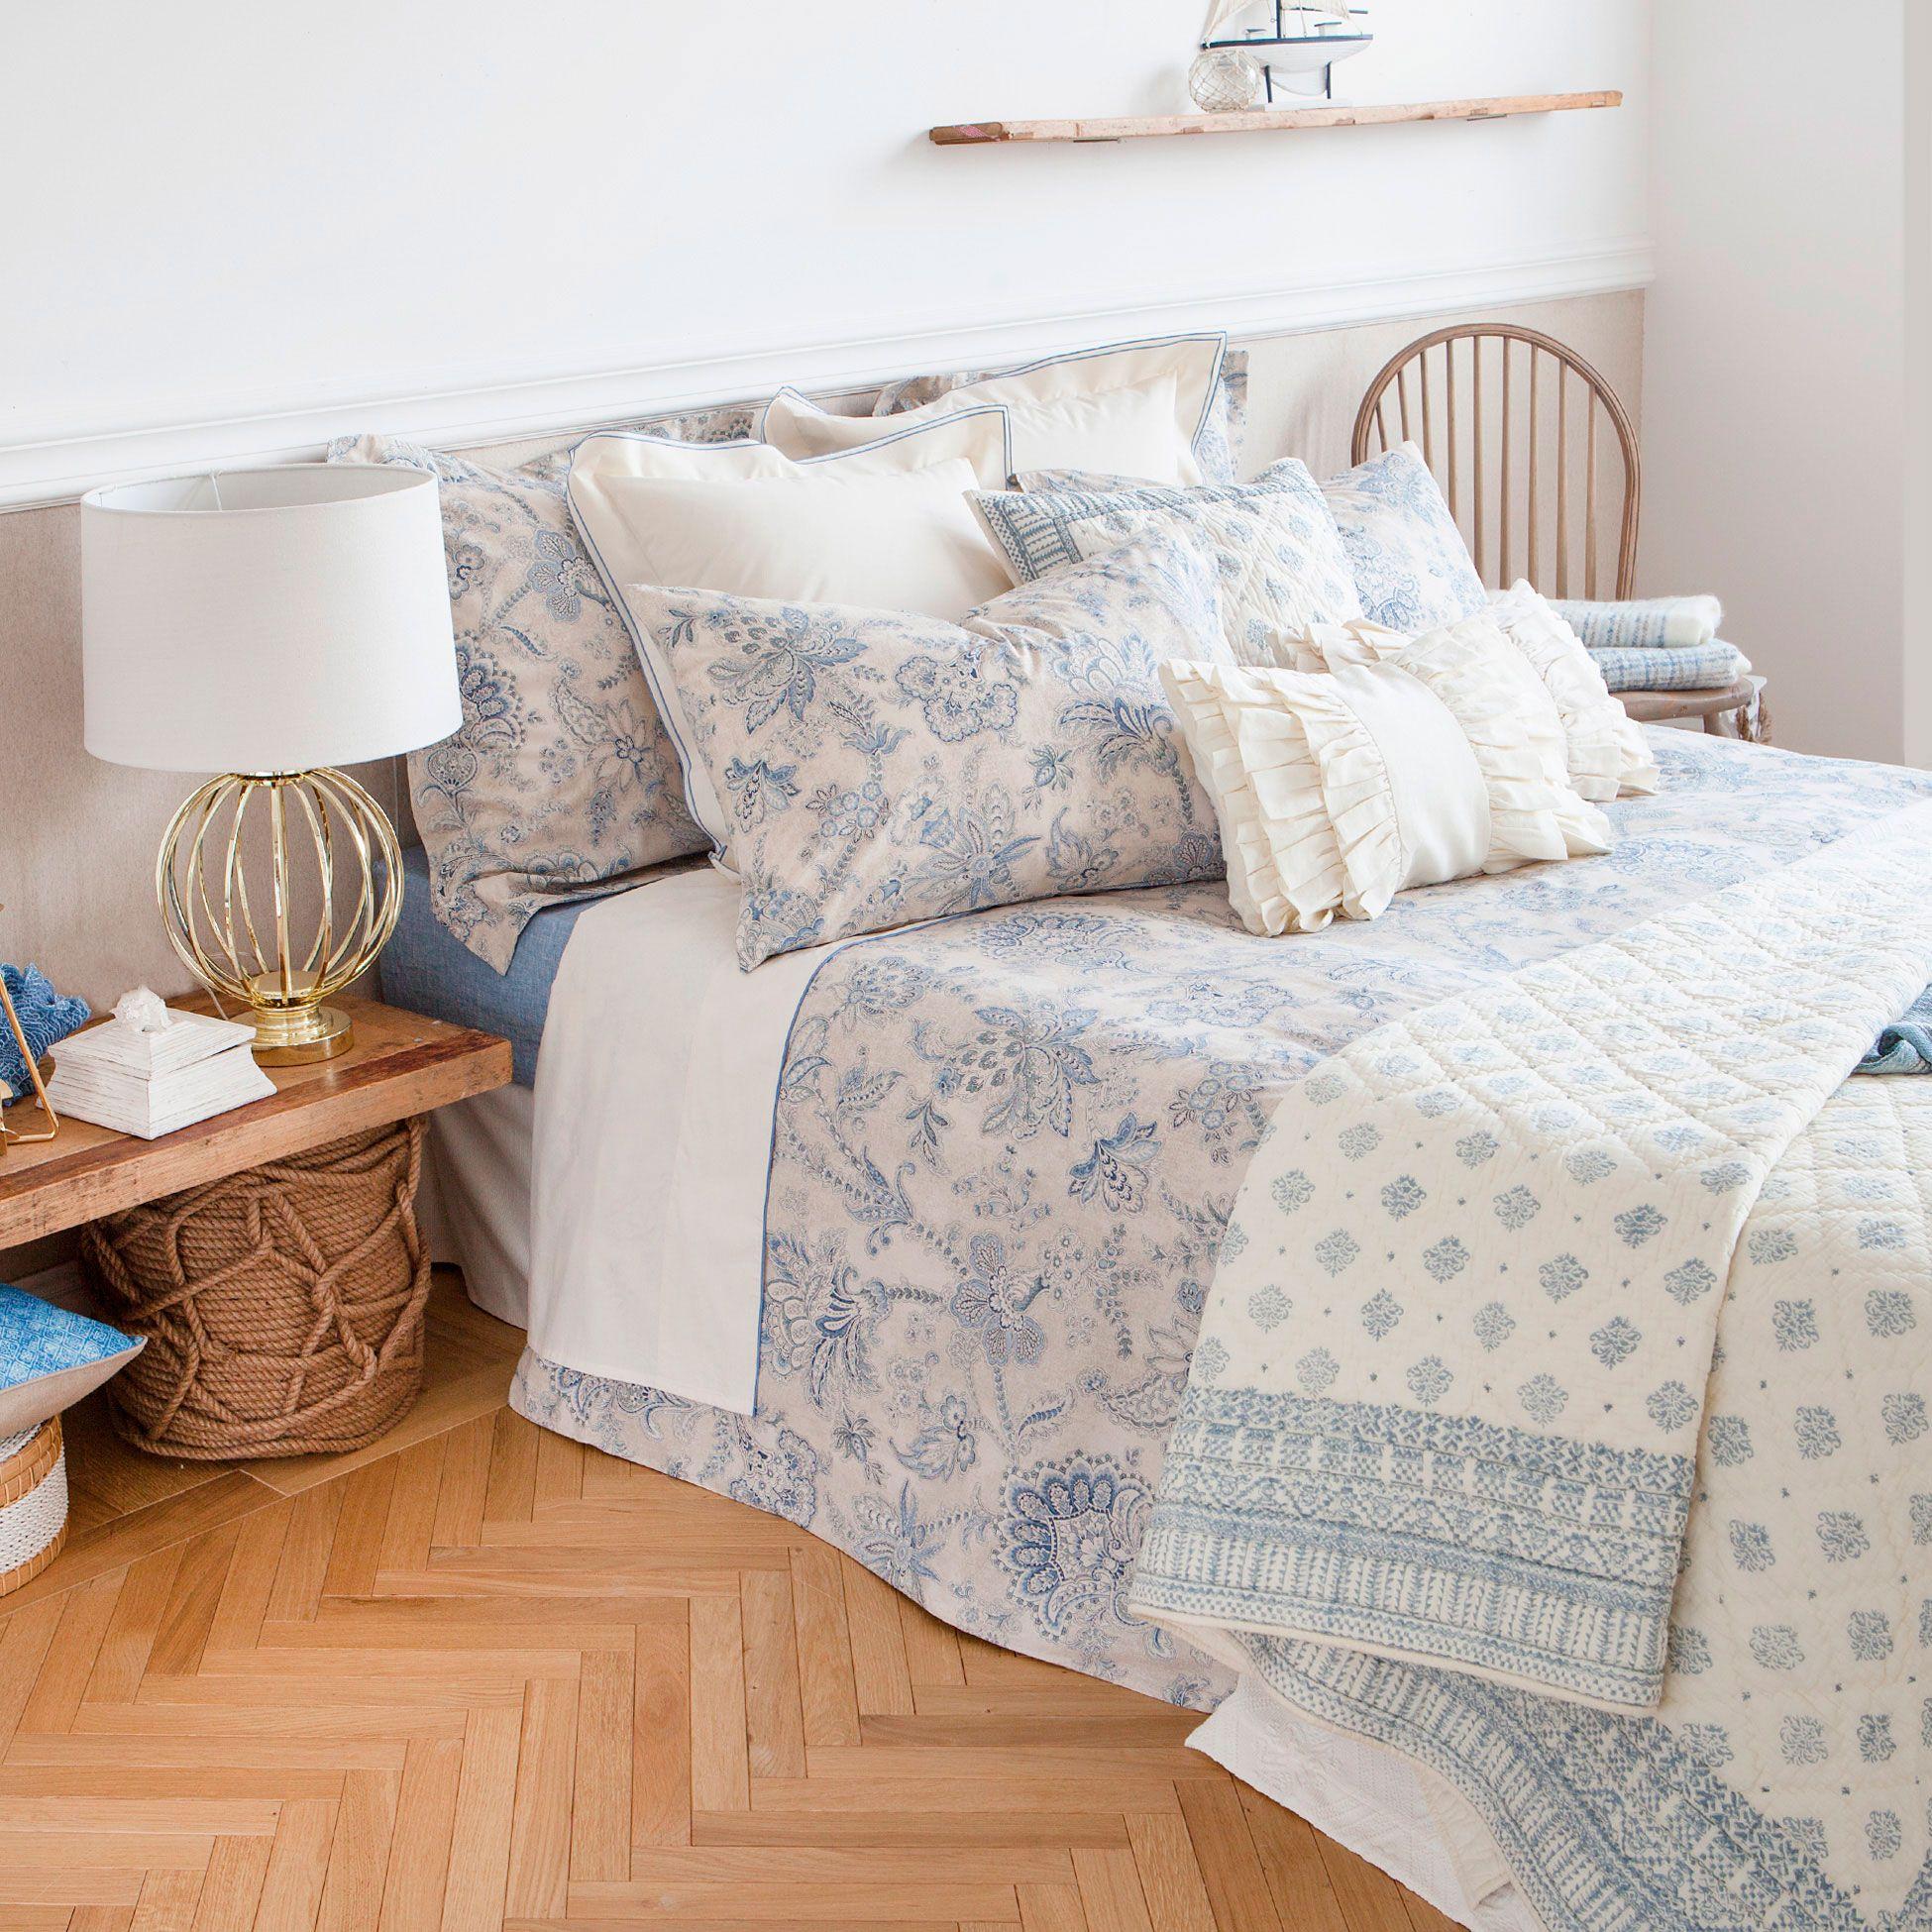 PAISLEY PRINT BED LINEN - Bed Linen - Bedroom